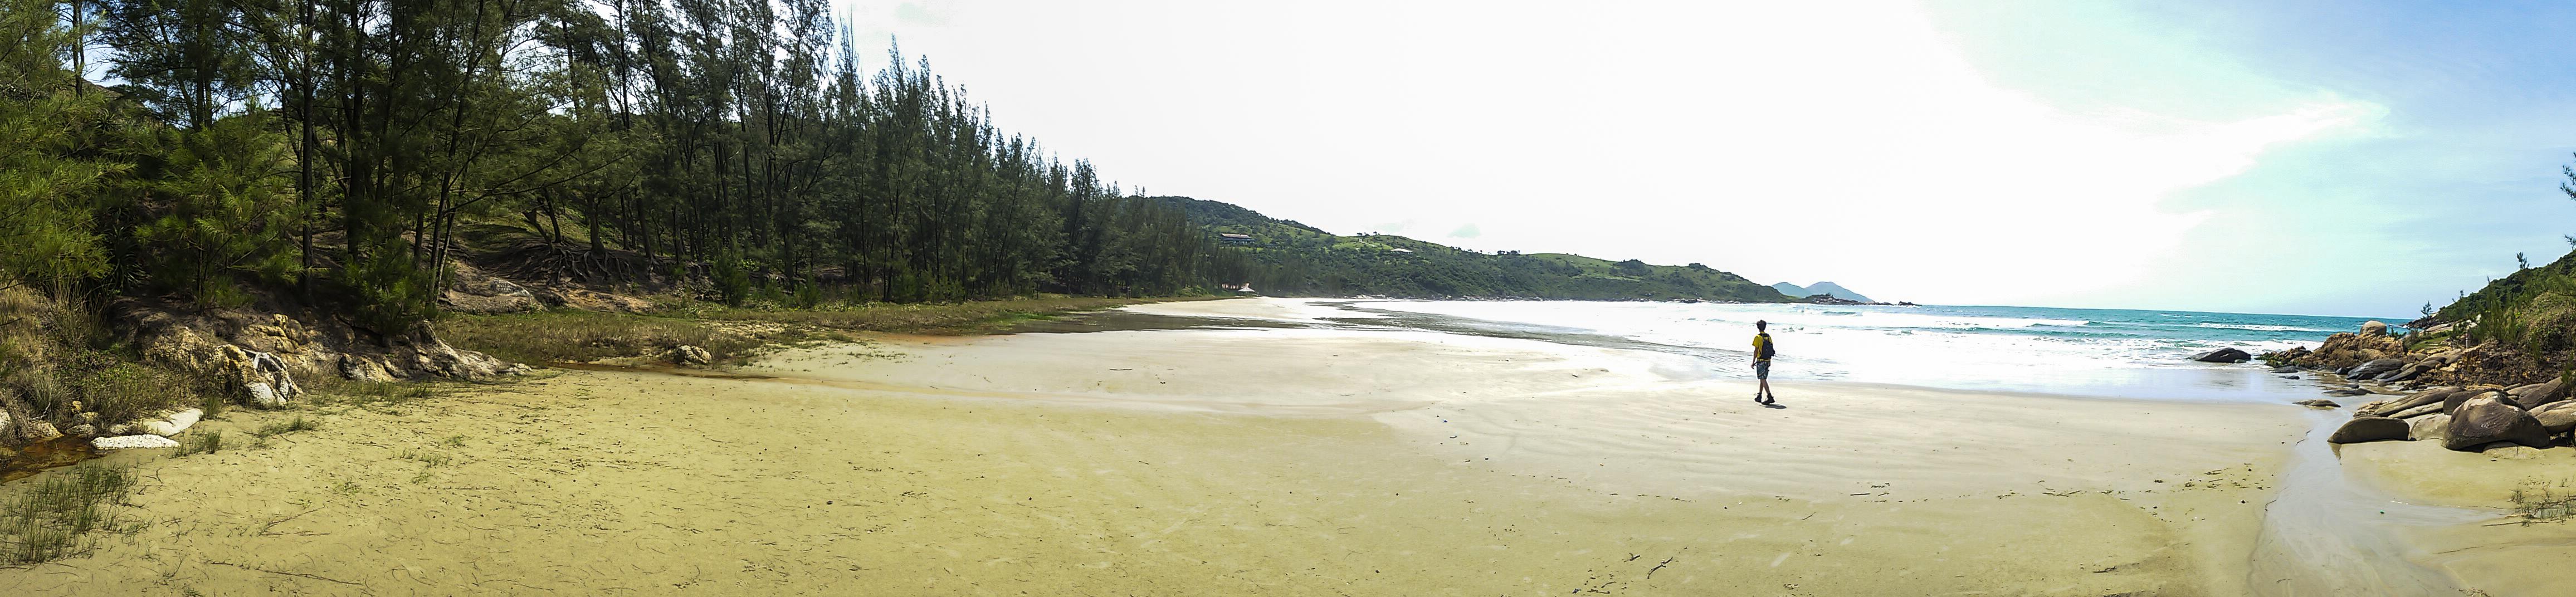 Praia Vermelha